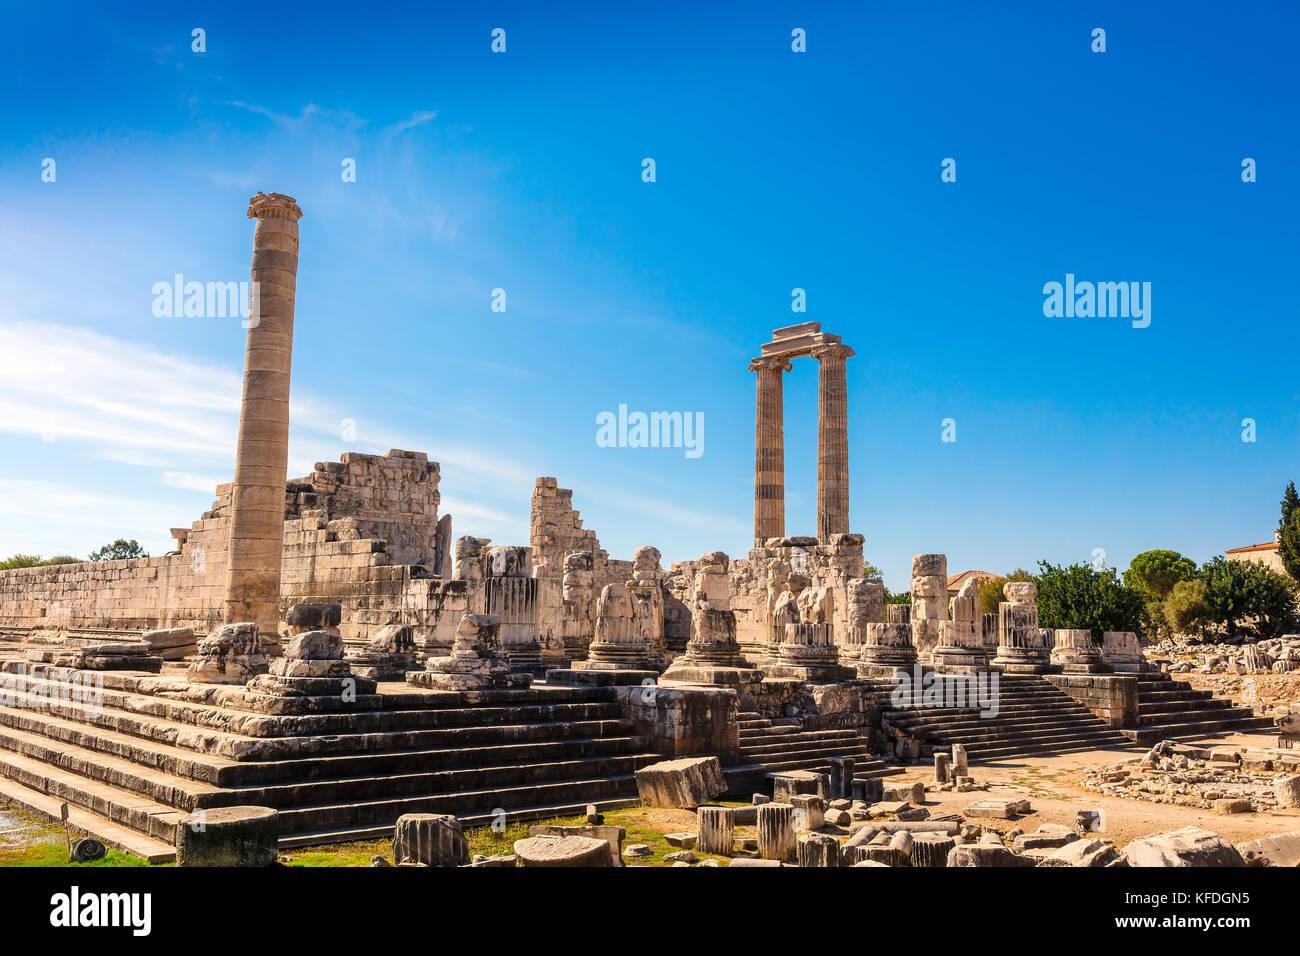 Ruins of the Apollo Temple in Didyma, Turkey. - Stock Image